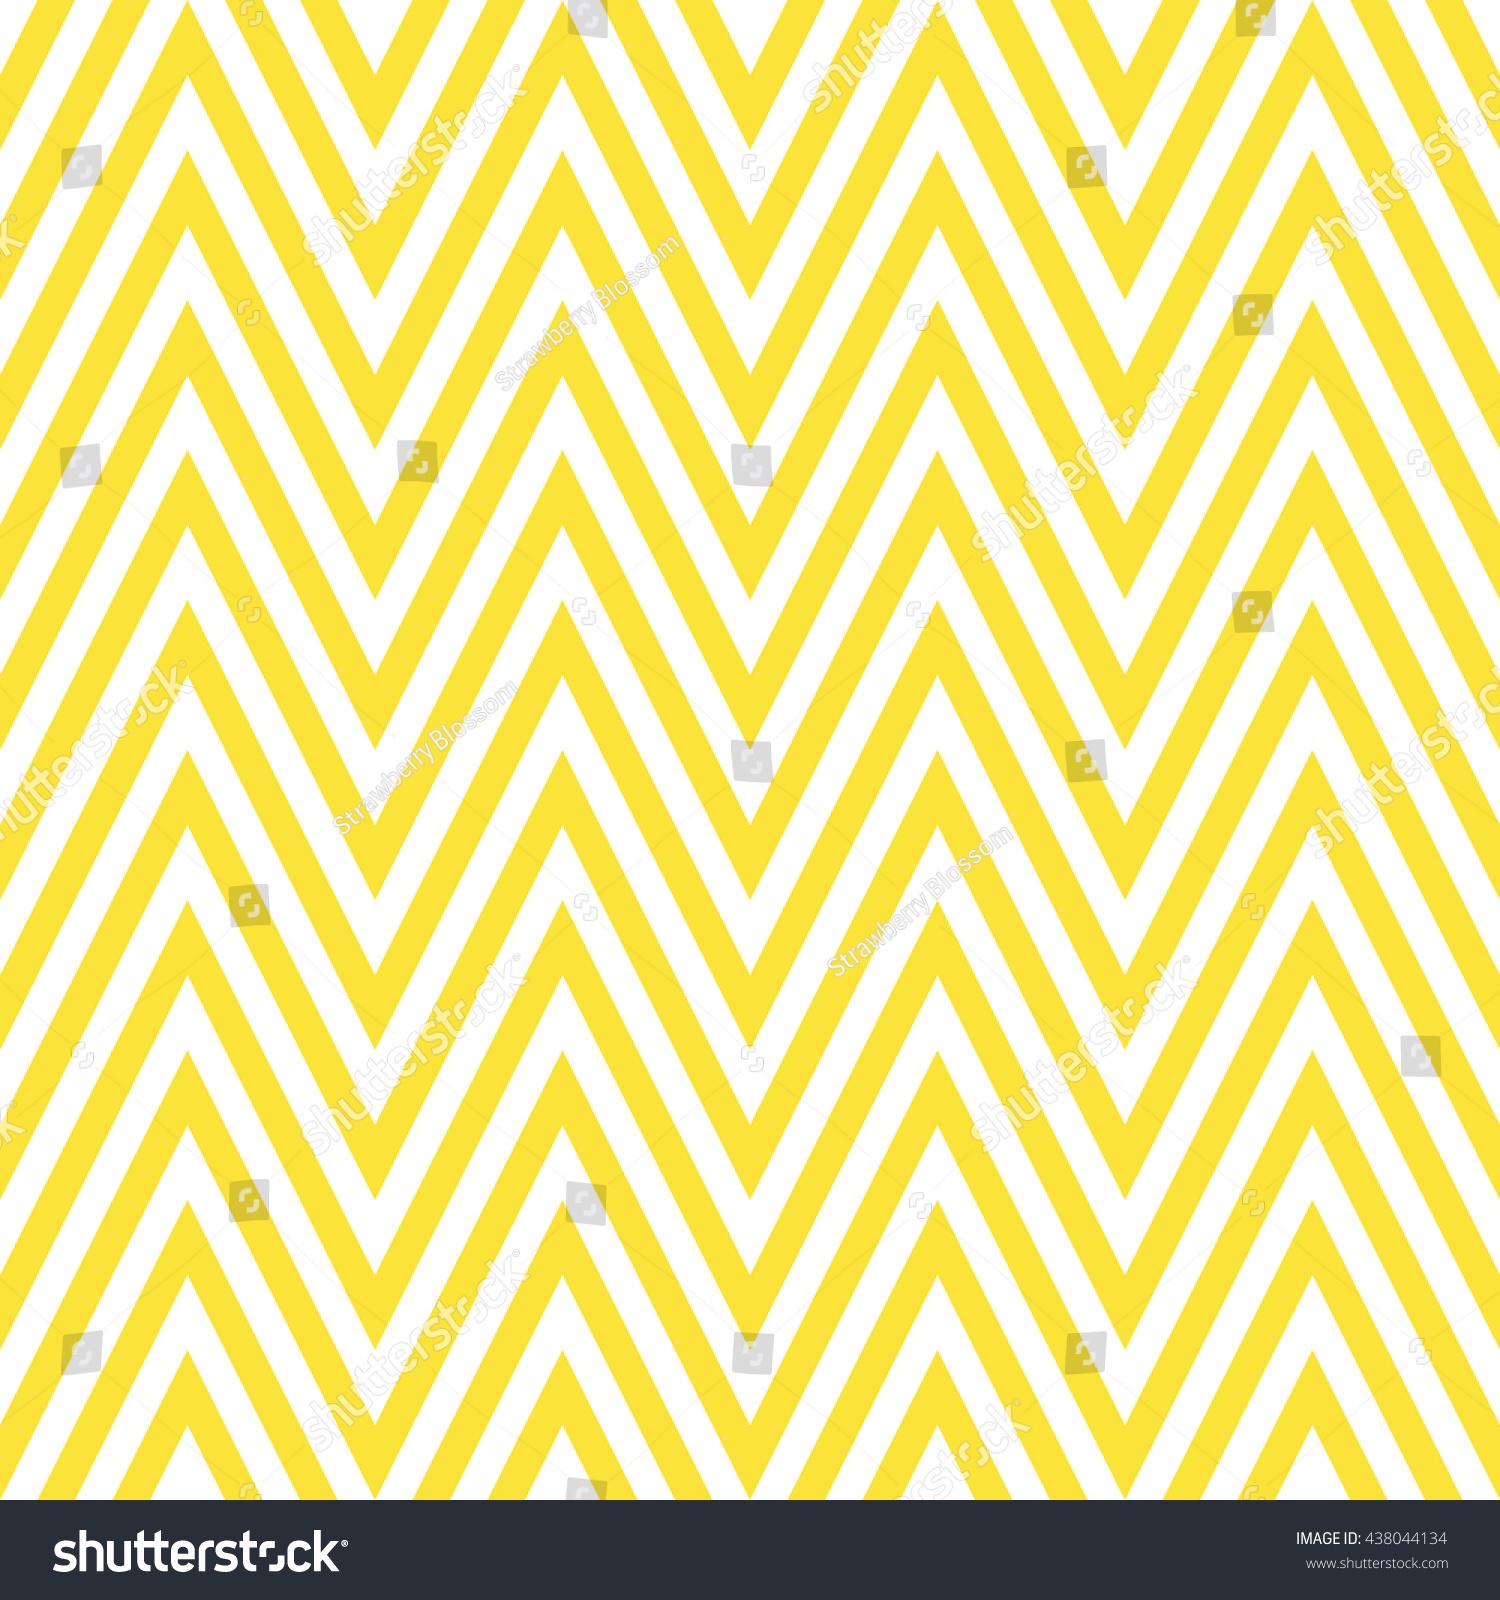 Pattern Stripes Seamless Yellow White Stripes Stock Vector ...